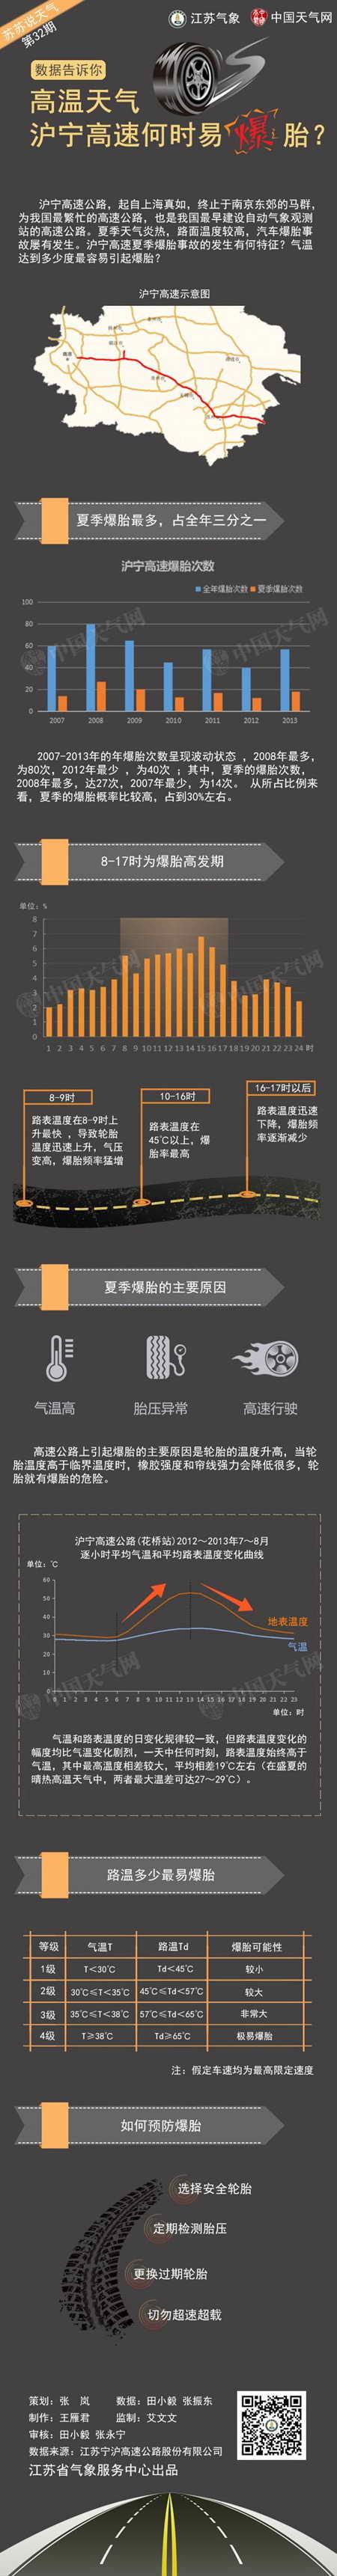 高温天气沪宁高速何时易爆胎?